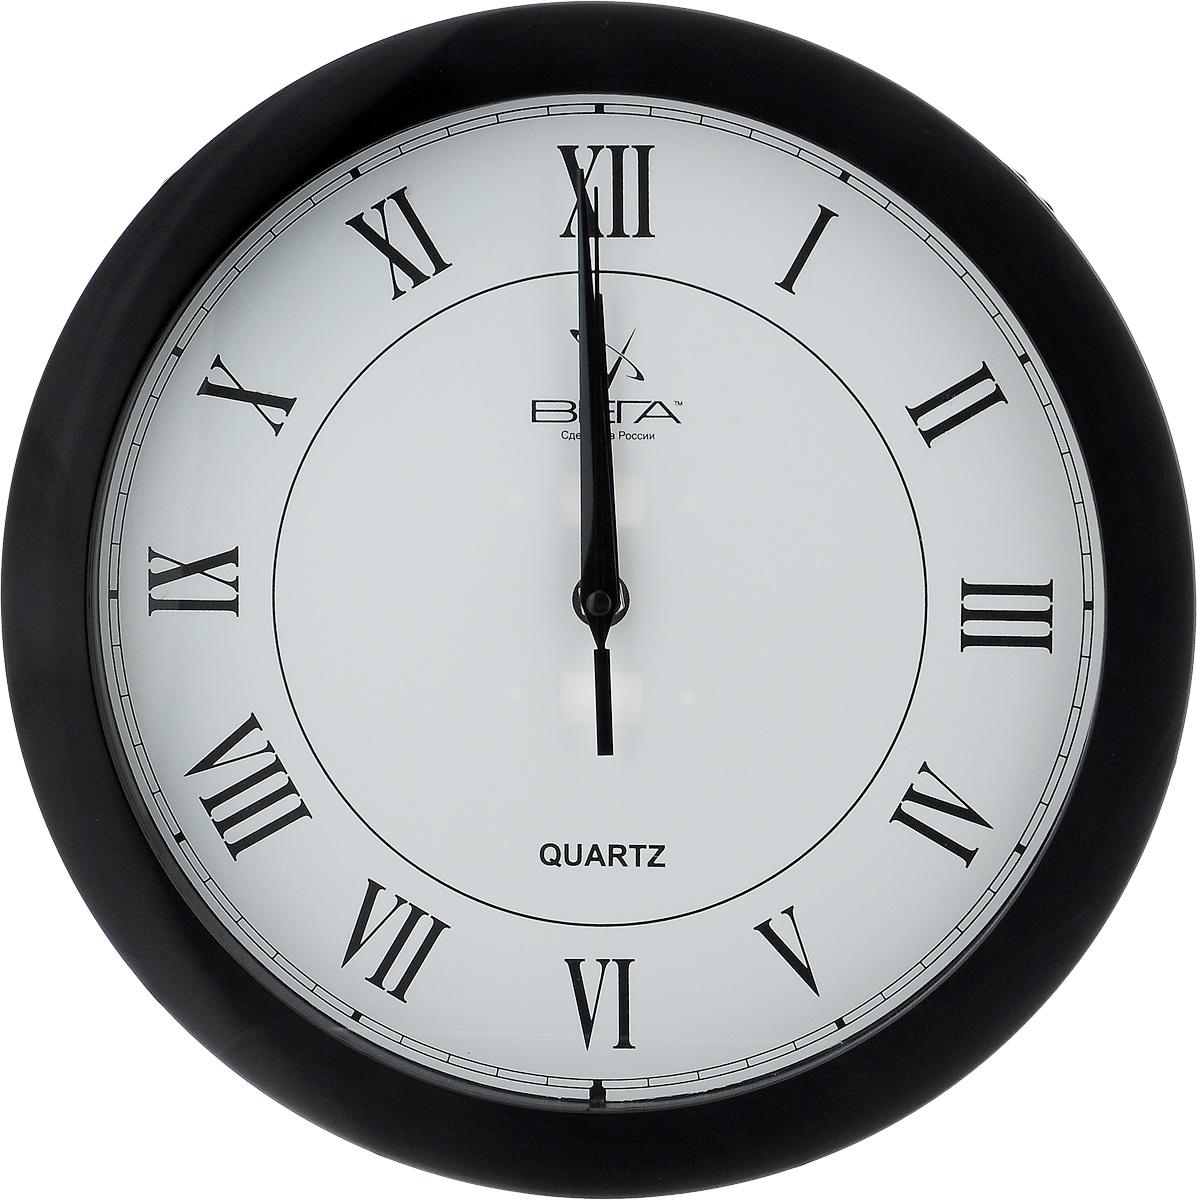 Часы настенные Вега Римская классика, цвет: черный, белый, диаметр 28,5 смП1-6/6-47Настенные кварцевые часы Вега Римская классика, изготовленные из пластика, прекрасно впишутся в интерьер вашего дома. Круглые часы имеют три стрелки: часовую, минутную и секундную, циферблат защищен прозрачным стеклом. Часы работают от 1 батарейки типа АА напряжением 1,5 В (не входит в комплект). Диаметр часов: 28,5 см.